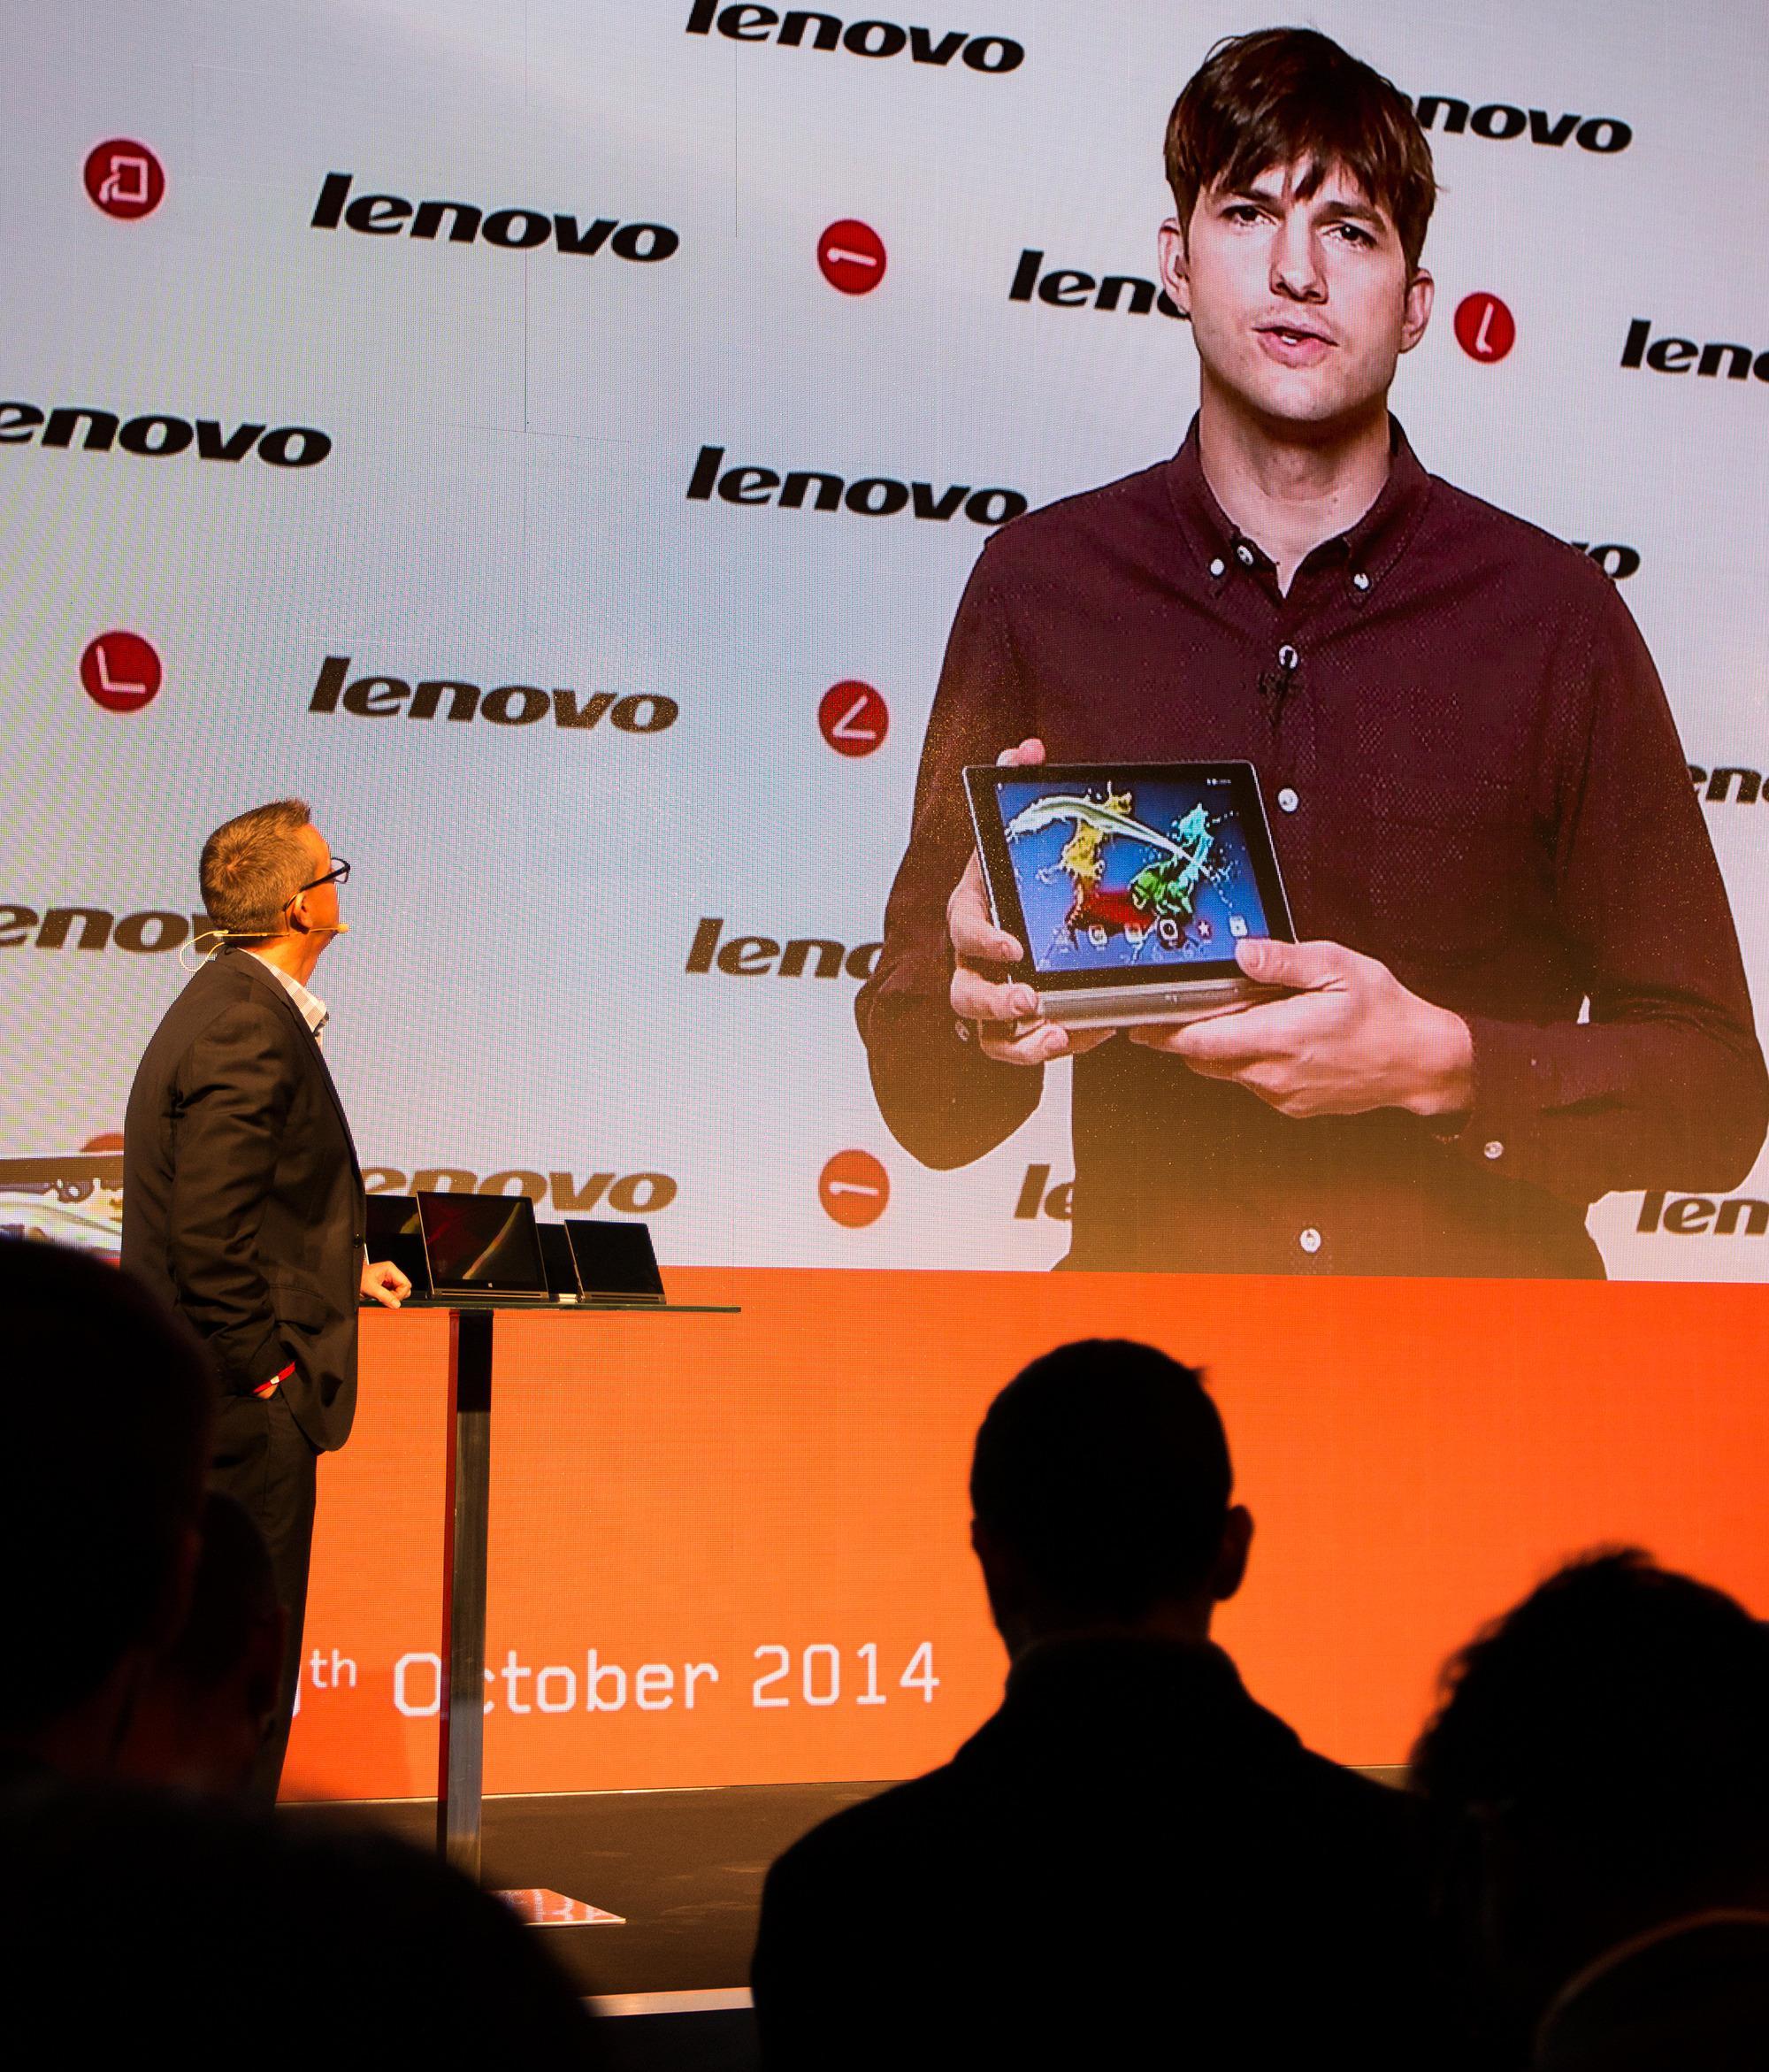 En av Kutchers babyer, Yoga Tablet 2, som han har vært med å utvikle.Foto: Anders Brattensborg Smedsrud, Tek.no